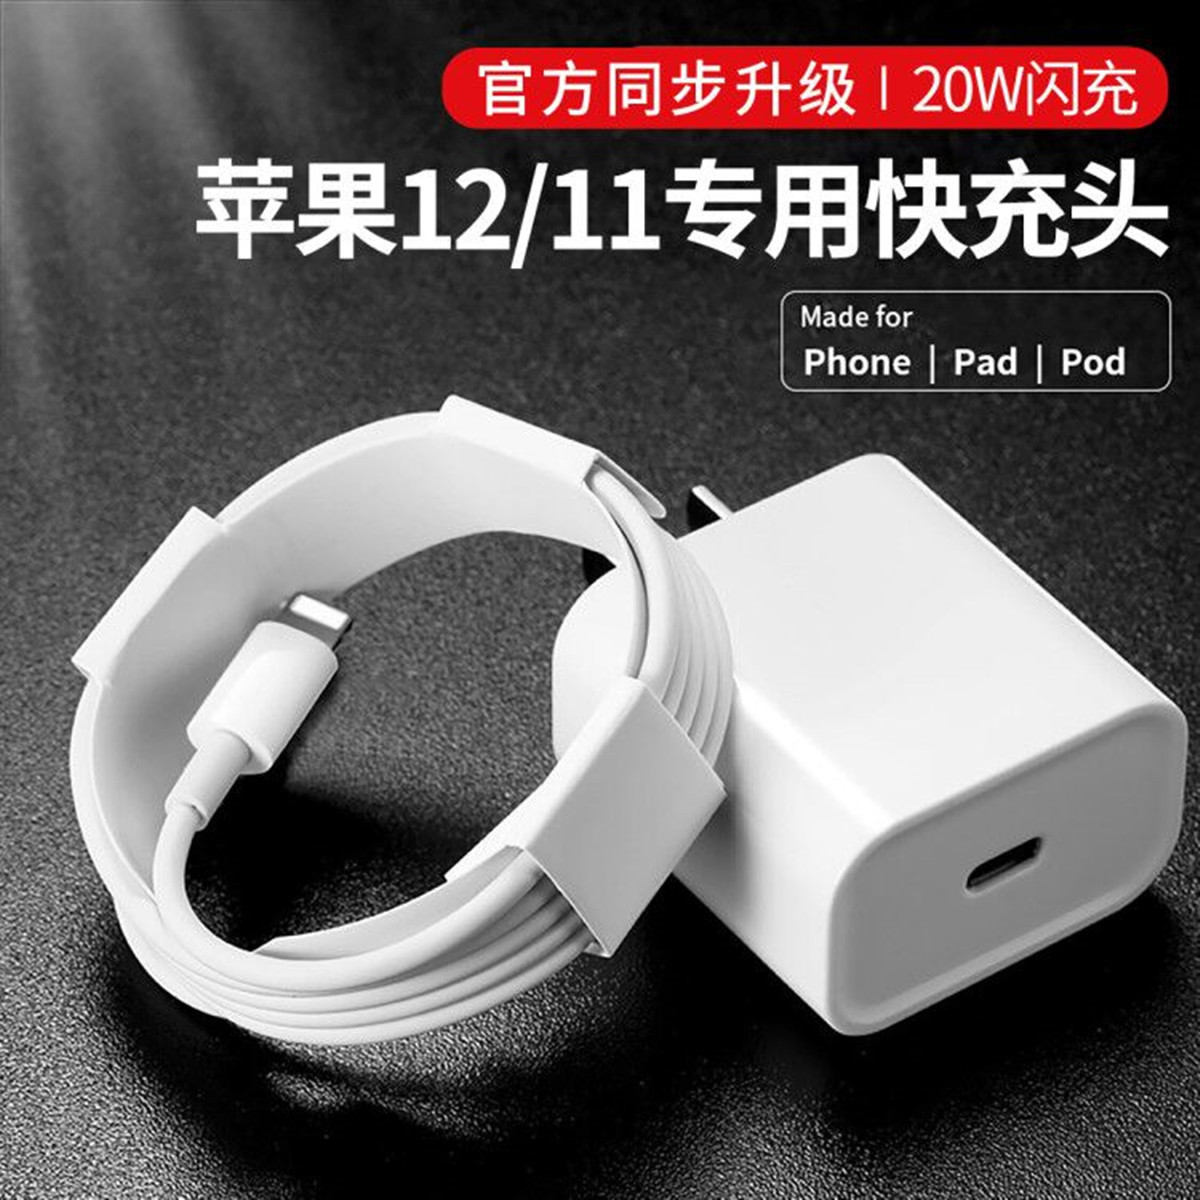 苹果12充电器20w闪充iphone12mini/11/12pro数据线pd充电头vk原装